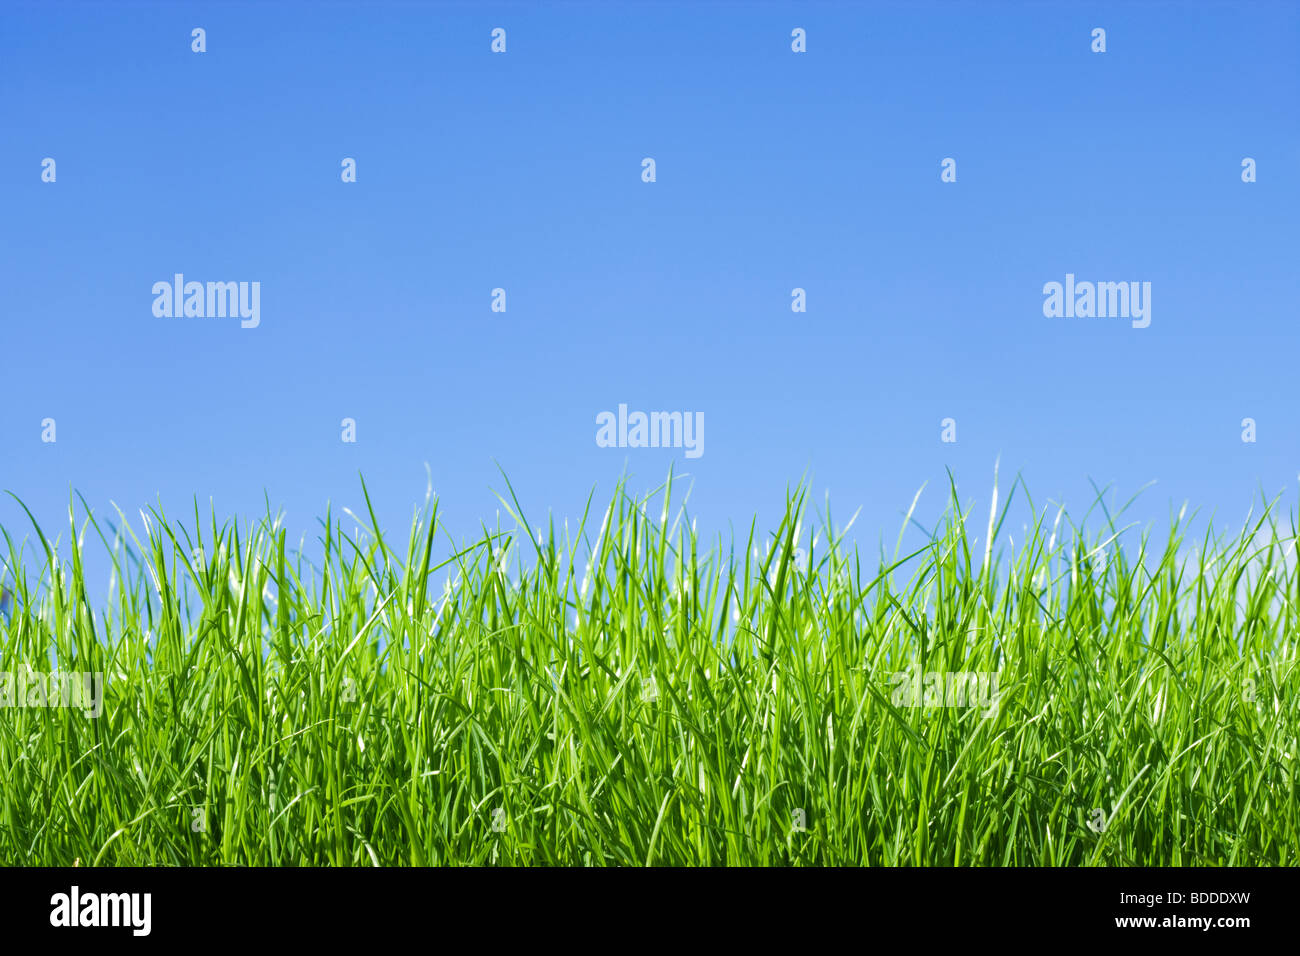 Erba, angolo basso contro il cielo blu Immagini Stock